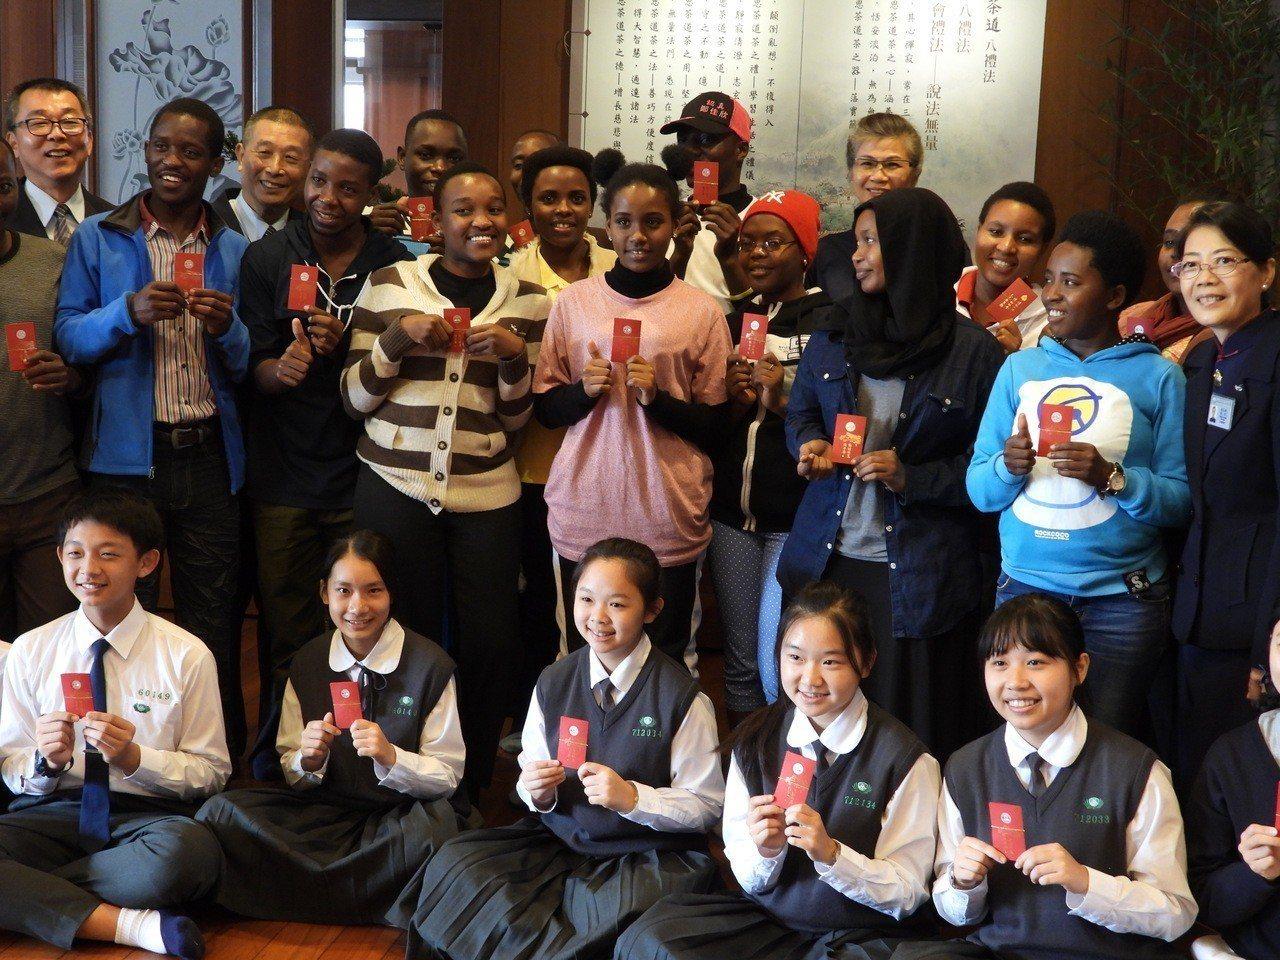 非洲學生感謝慈濟志工關懷,收到歲末祝福紅包很開心。